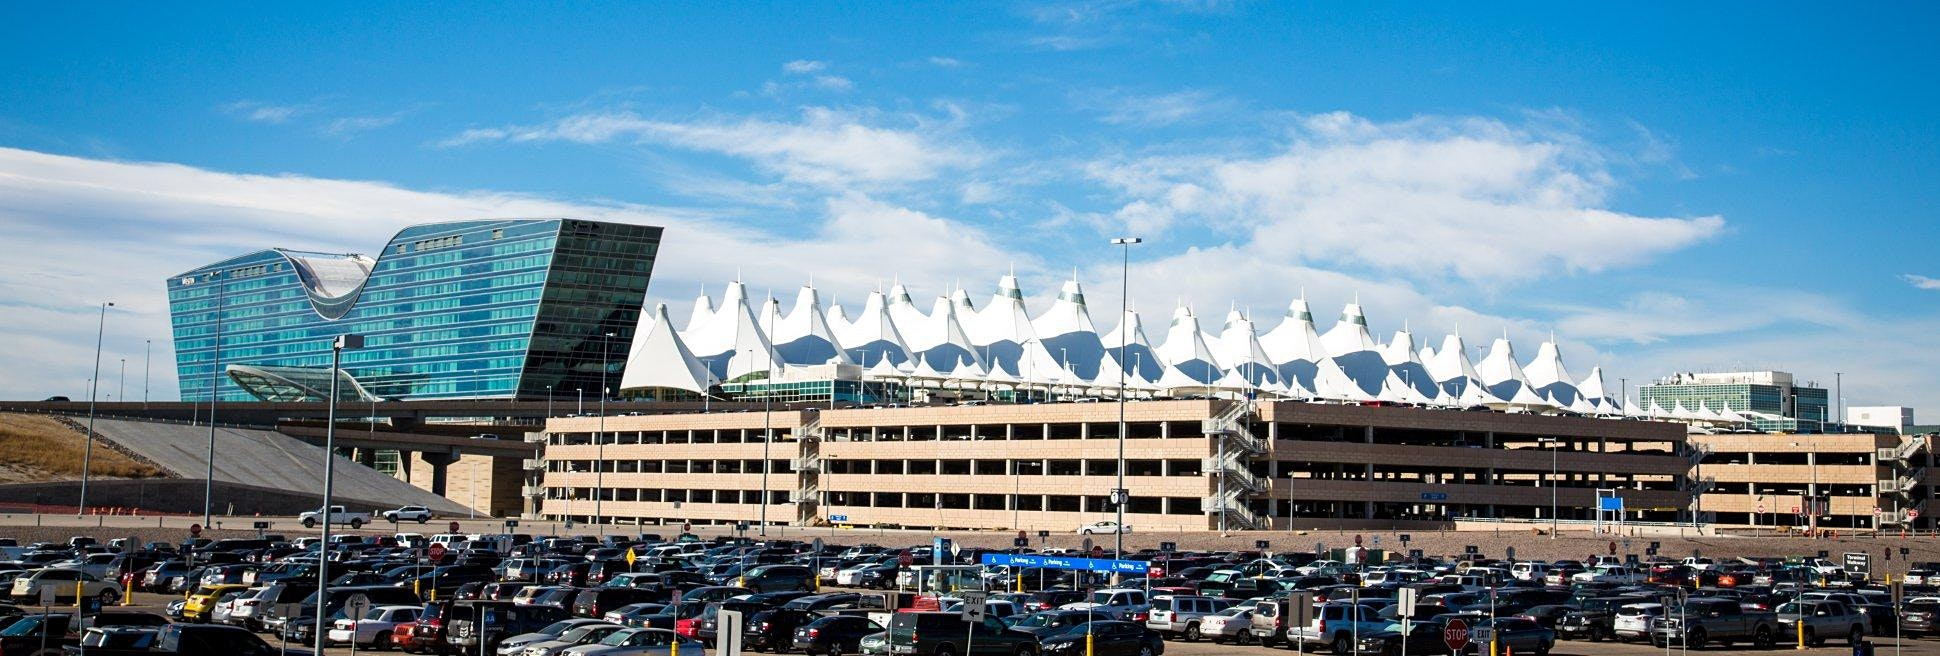 CLN Quarterly Kaizen at Denver International Airport